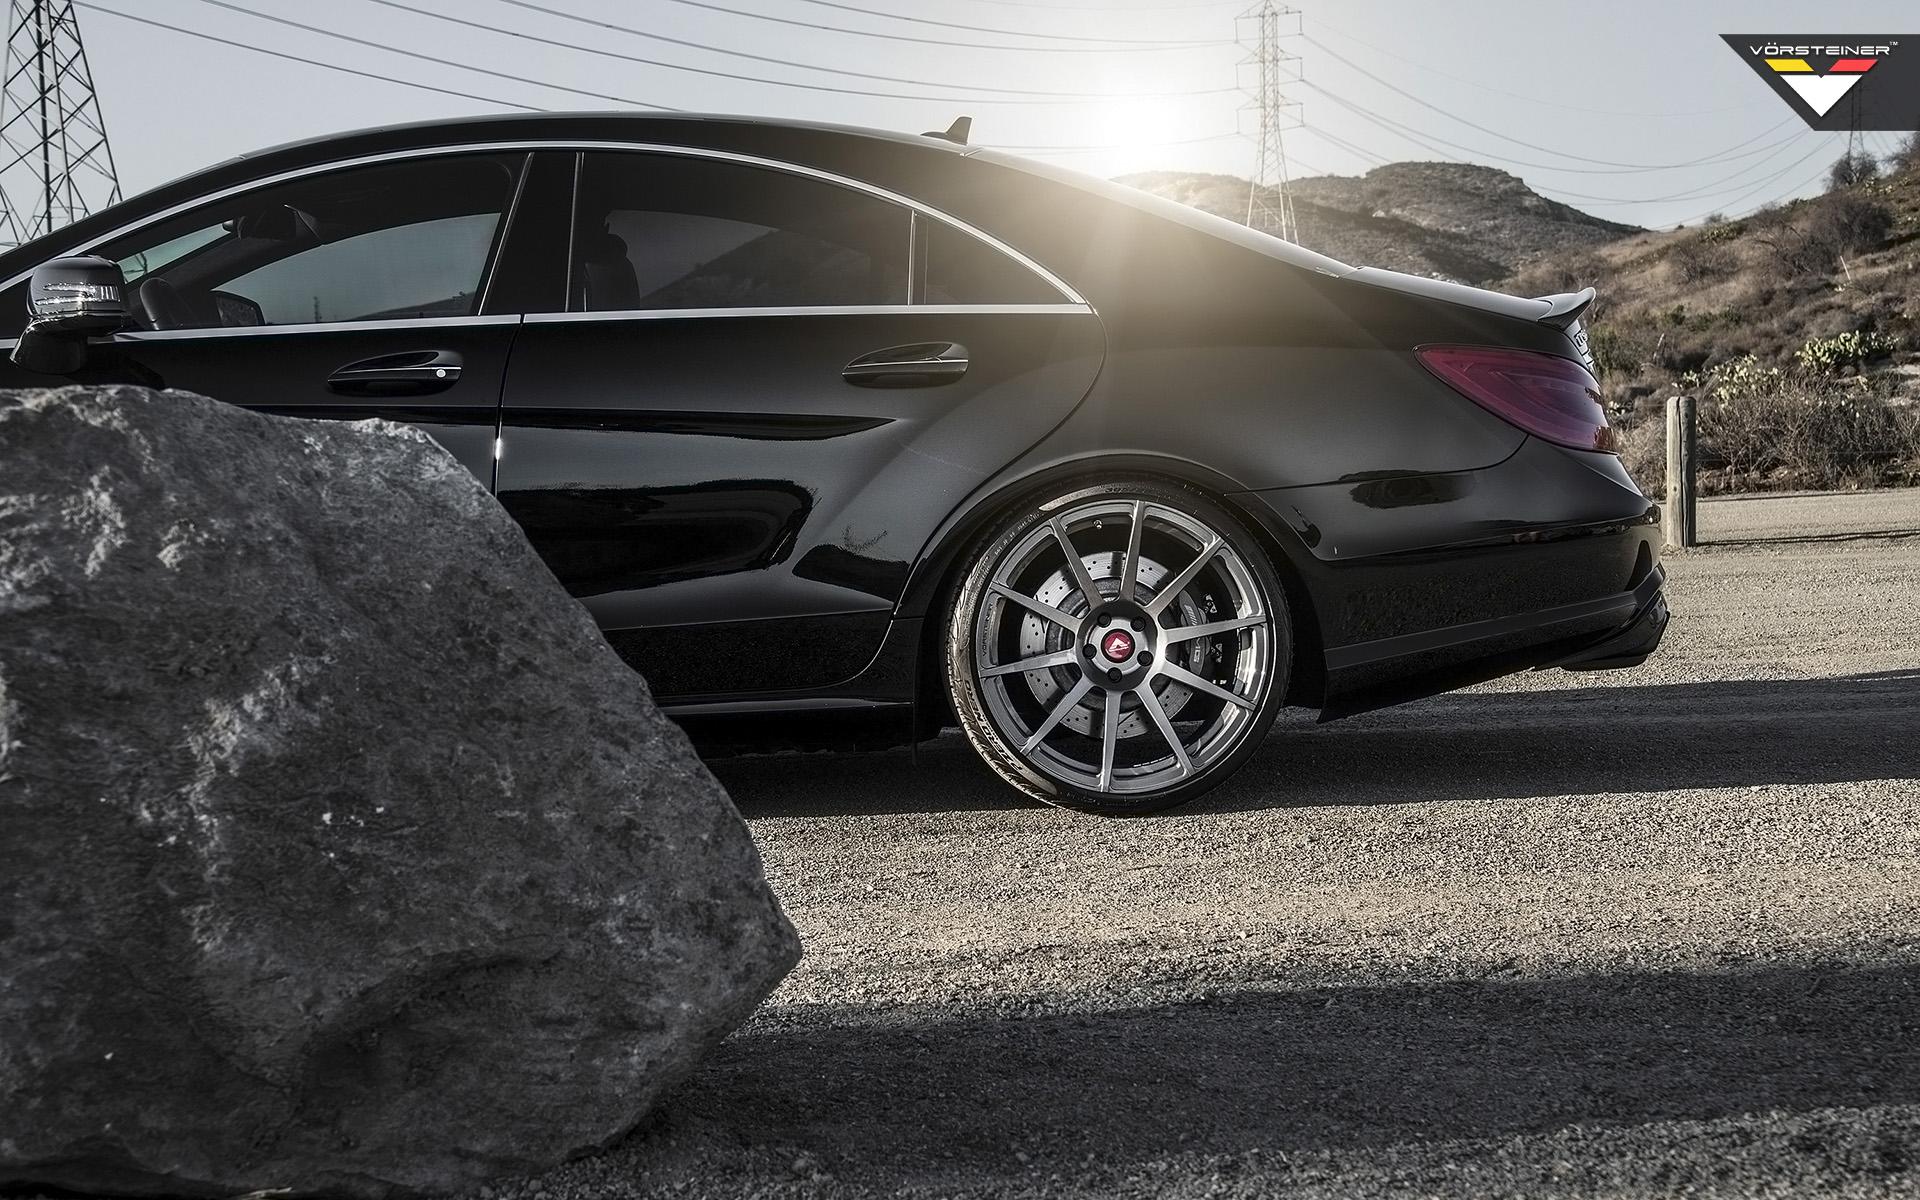 2014_Vorsteiner_Mercedes_Benz_CLS63_AMG_Sedan_tuning_luxury_wheel______g_1920x1200.jpg